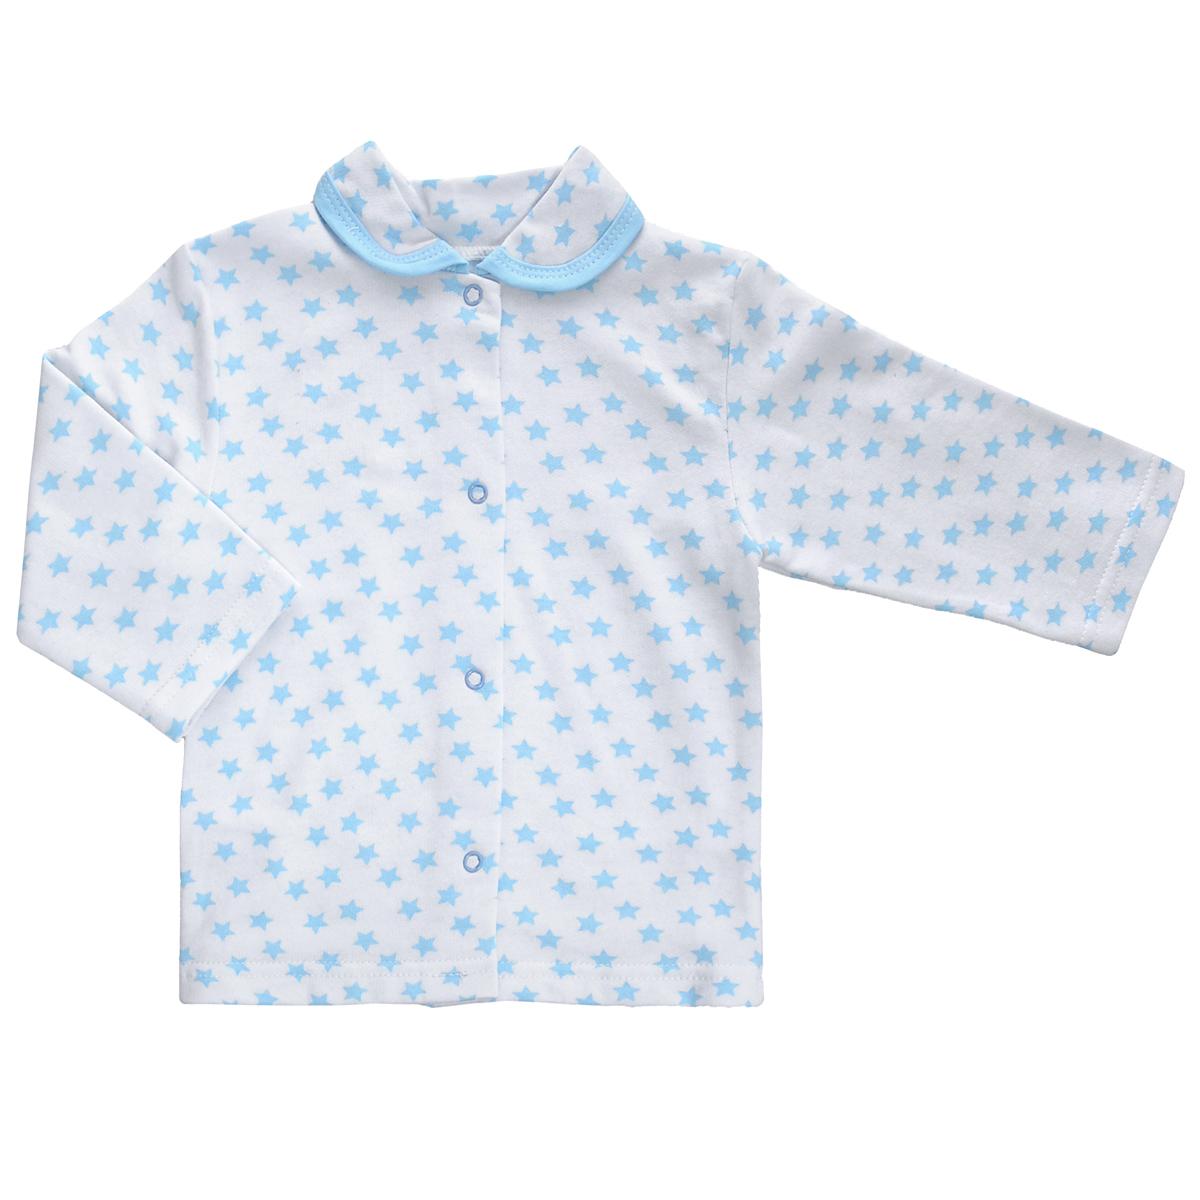 Кофточка детская. 51755175Кофточка для новорожденного Трон-плюс с длинными рукавами послужит идеальным дополнением к гардеробу вашего малыша, обеспечивая ему наибольший комфорт. Изготовленная из футерованного полотна - натурального хлопка, она необычайно мягкая и легкая, не раздражает нежную кожу ребенка и хорошо вентилируется, а эластичные швы приятны телу малыша и не препятствуют его движениям. Удобные застежки-кнопки по всей длине помогают легко переодеть младенца. Модель дополнена отложным воротником. Кофточка полностью соответствует особенностям жизни ребенка в ранний период, не стесняя и не ограничивая его в движениях.